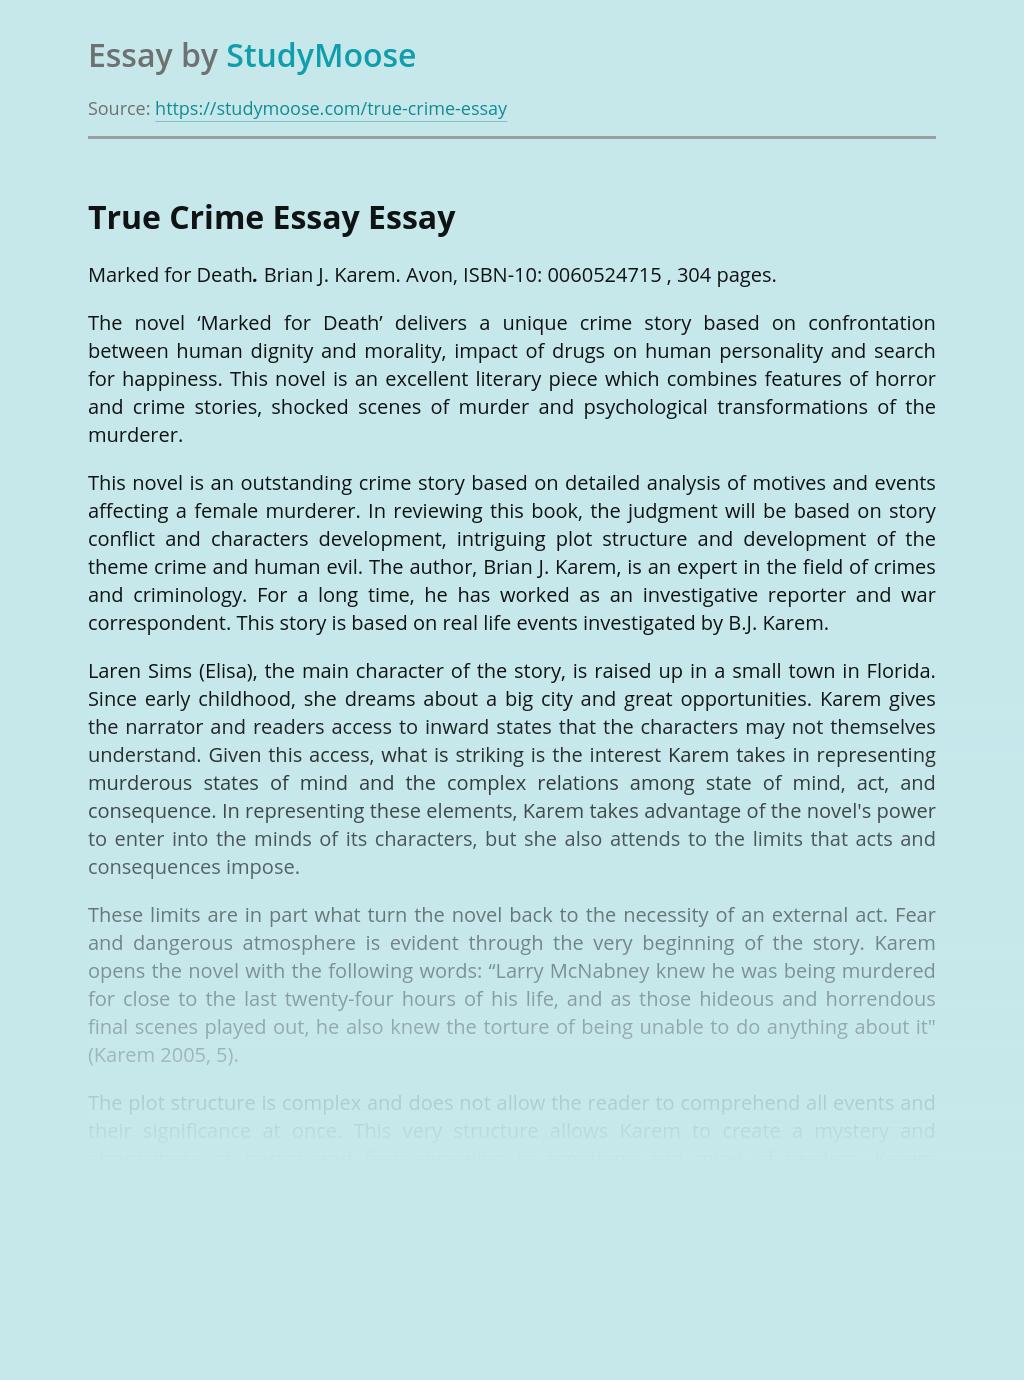 True Crime Essay